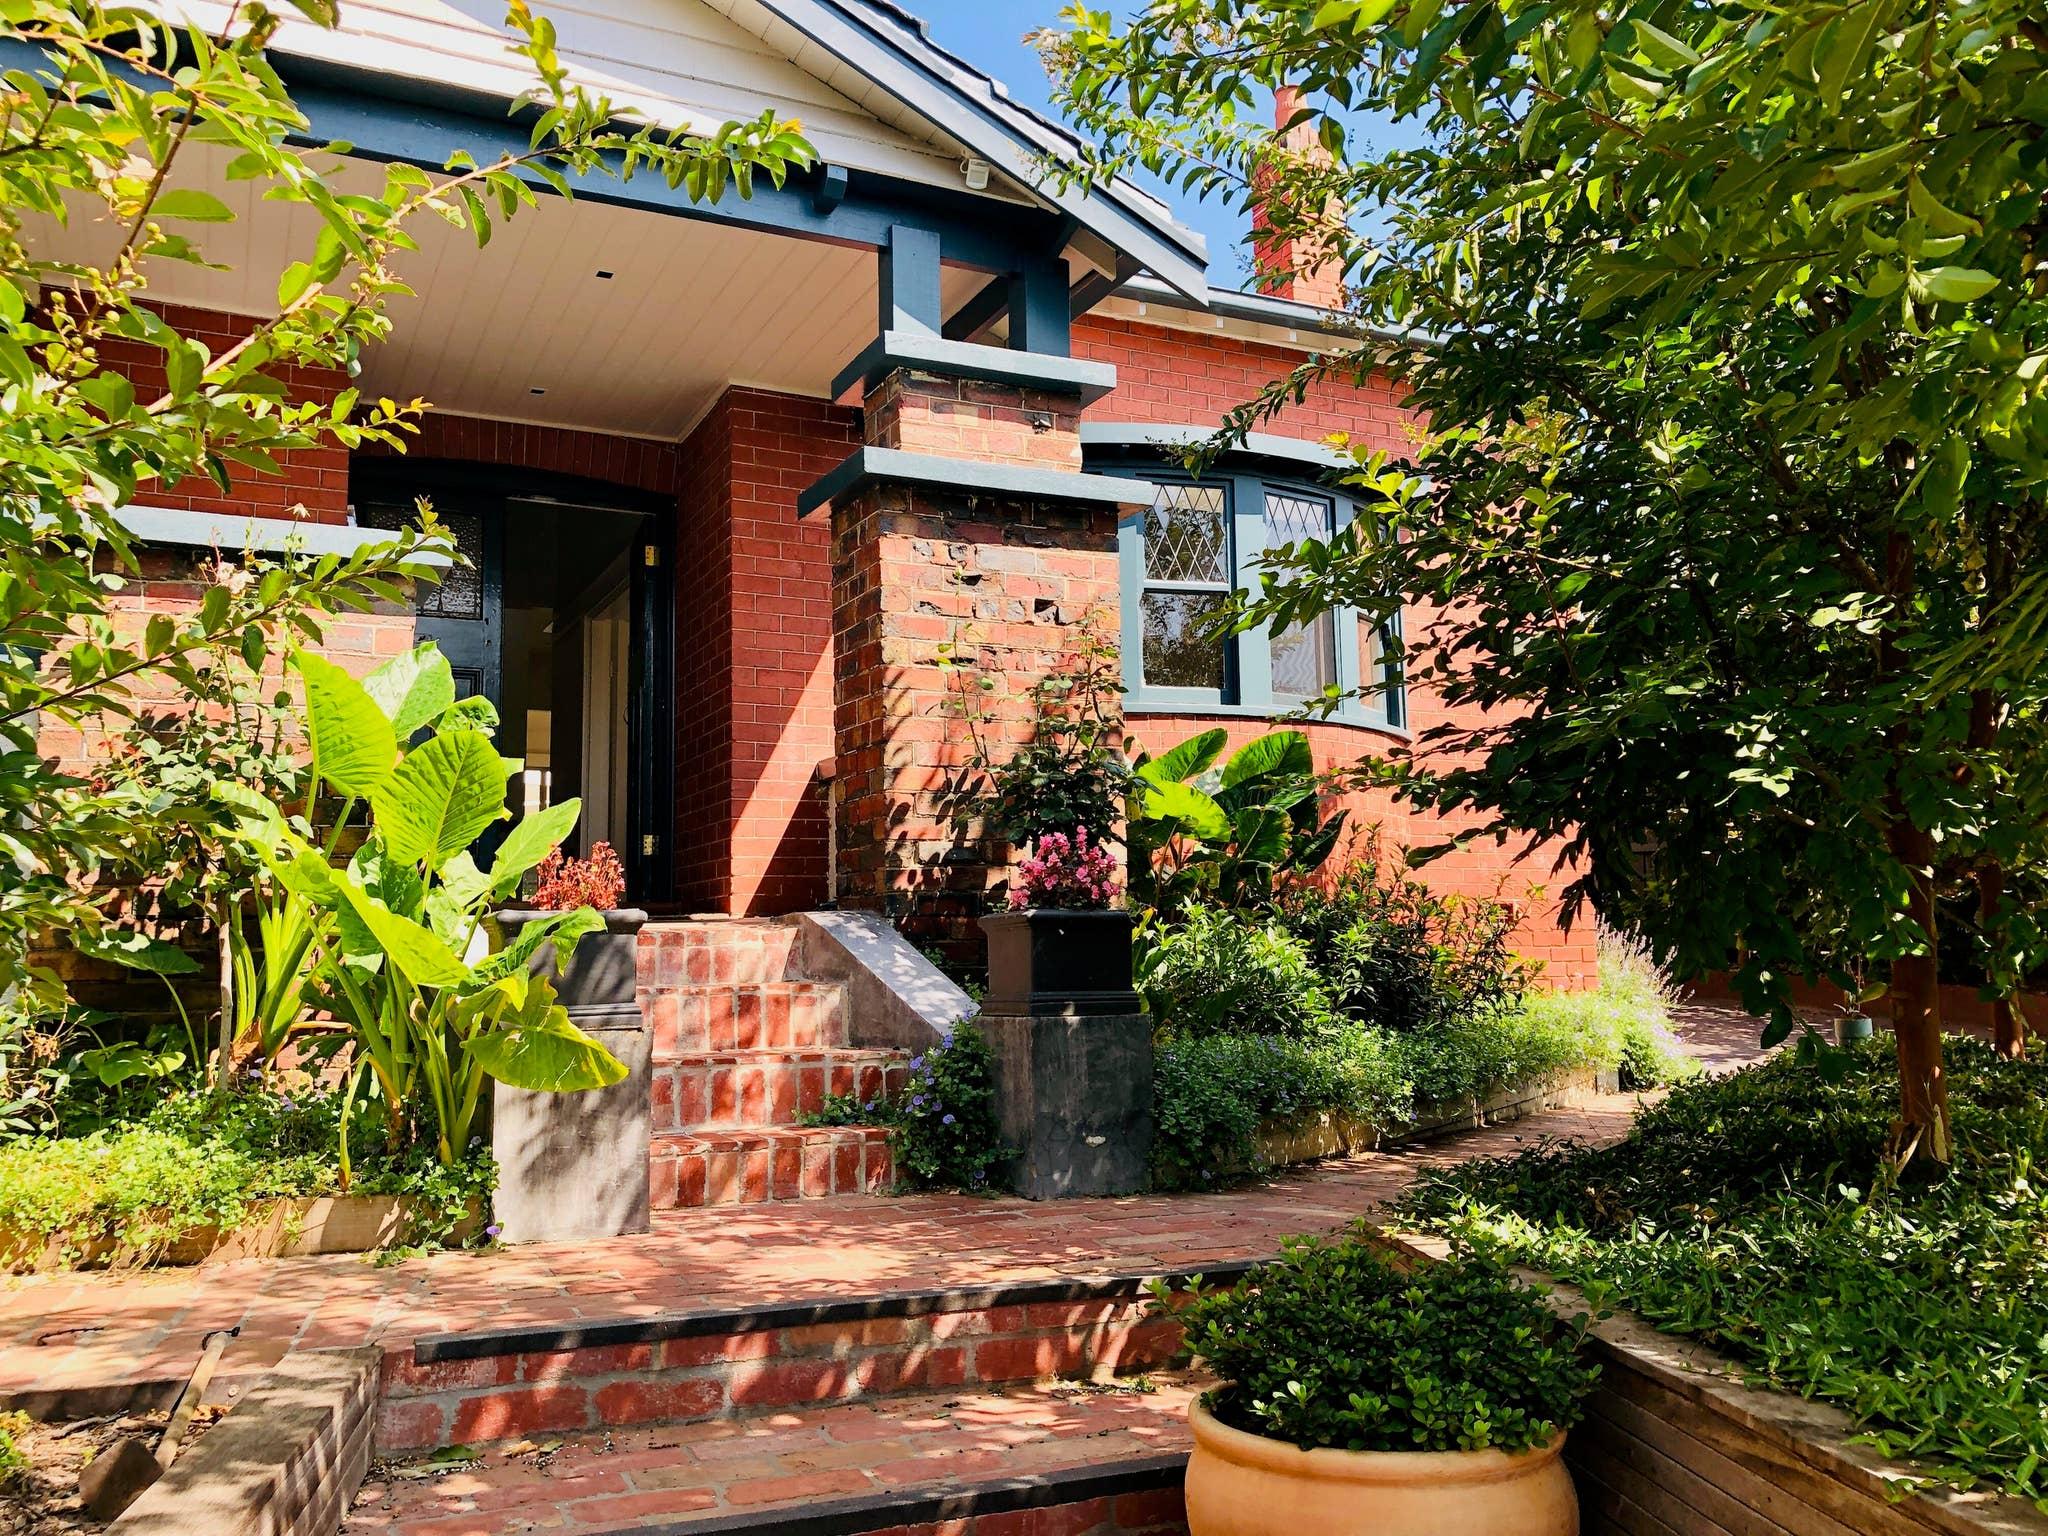 Ferienhaus  (2781792), Burwood, , Victoria, Australien, Bild 6